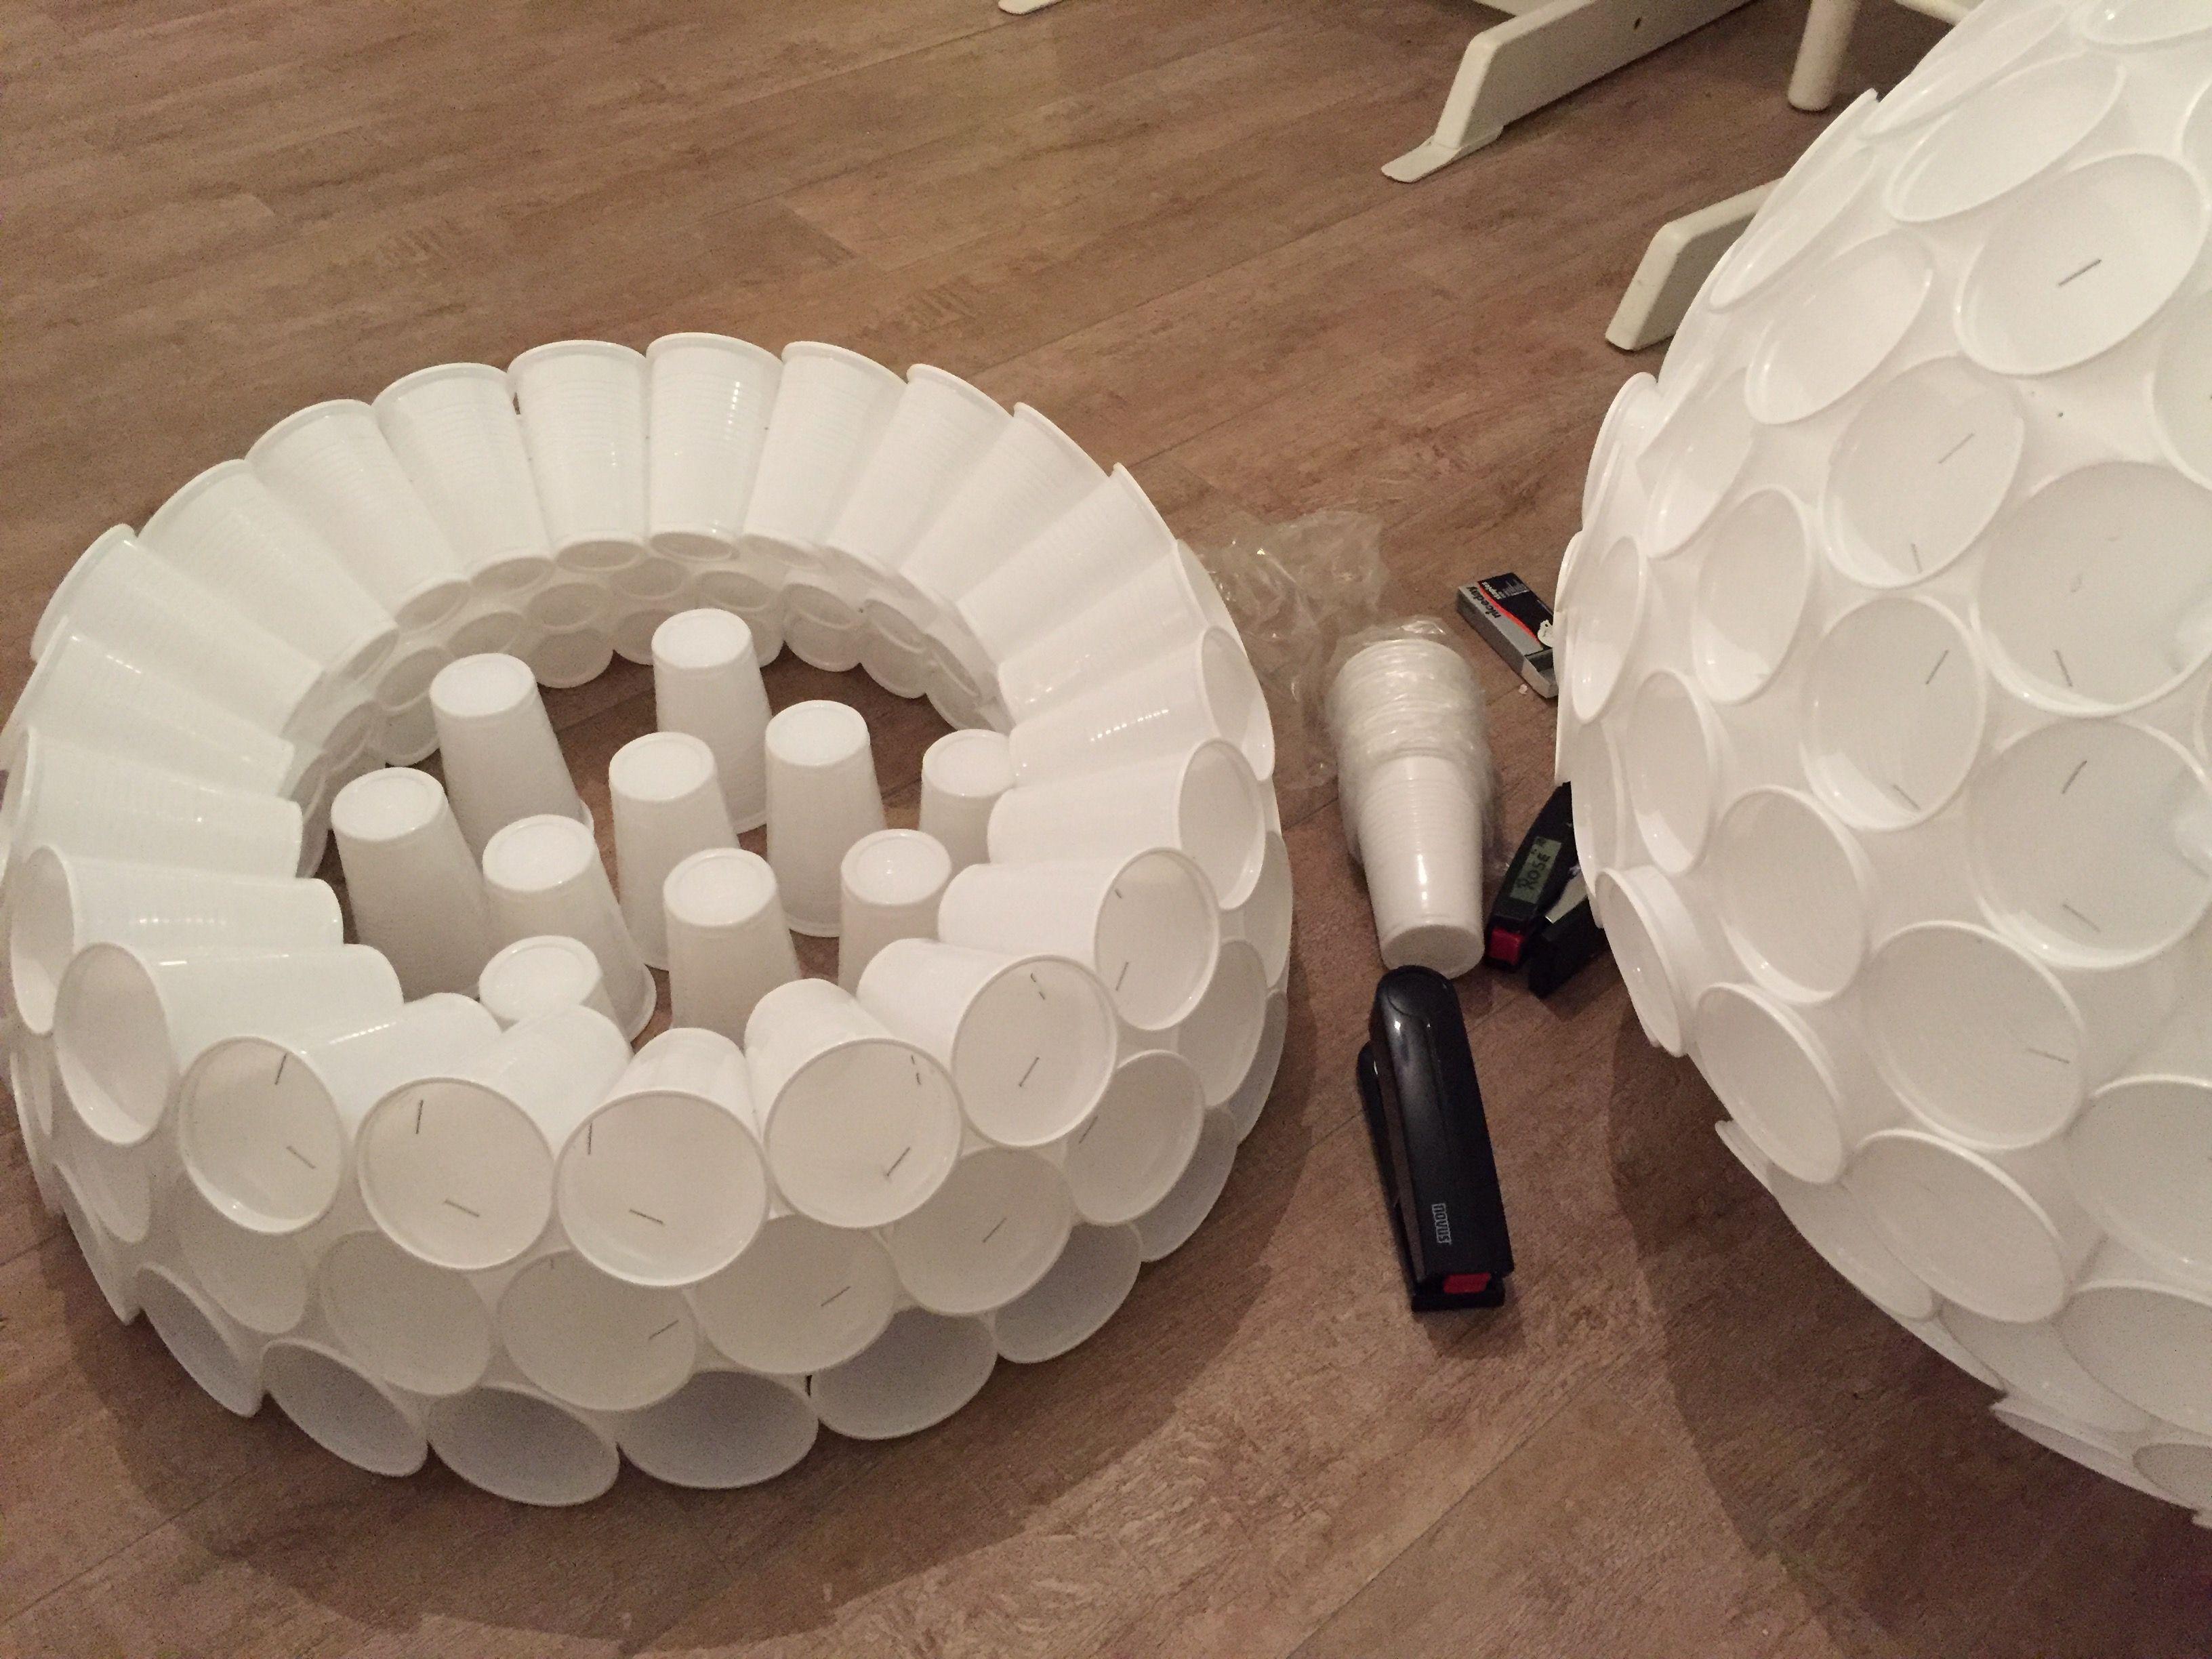 schneemann aus plastikbechern basteln pinterest plastikbecher basteln und schneemann. Black Bedroom Furniture Sets. Home Design Ideas